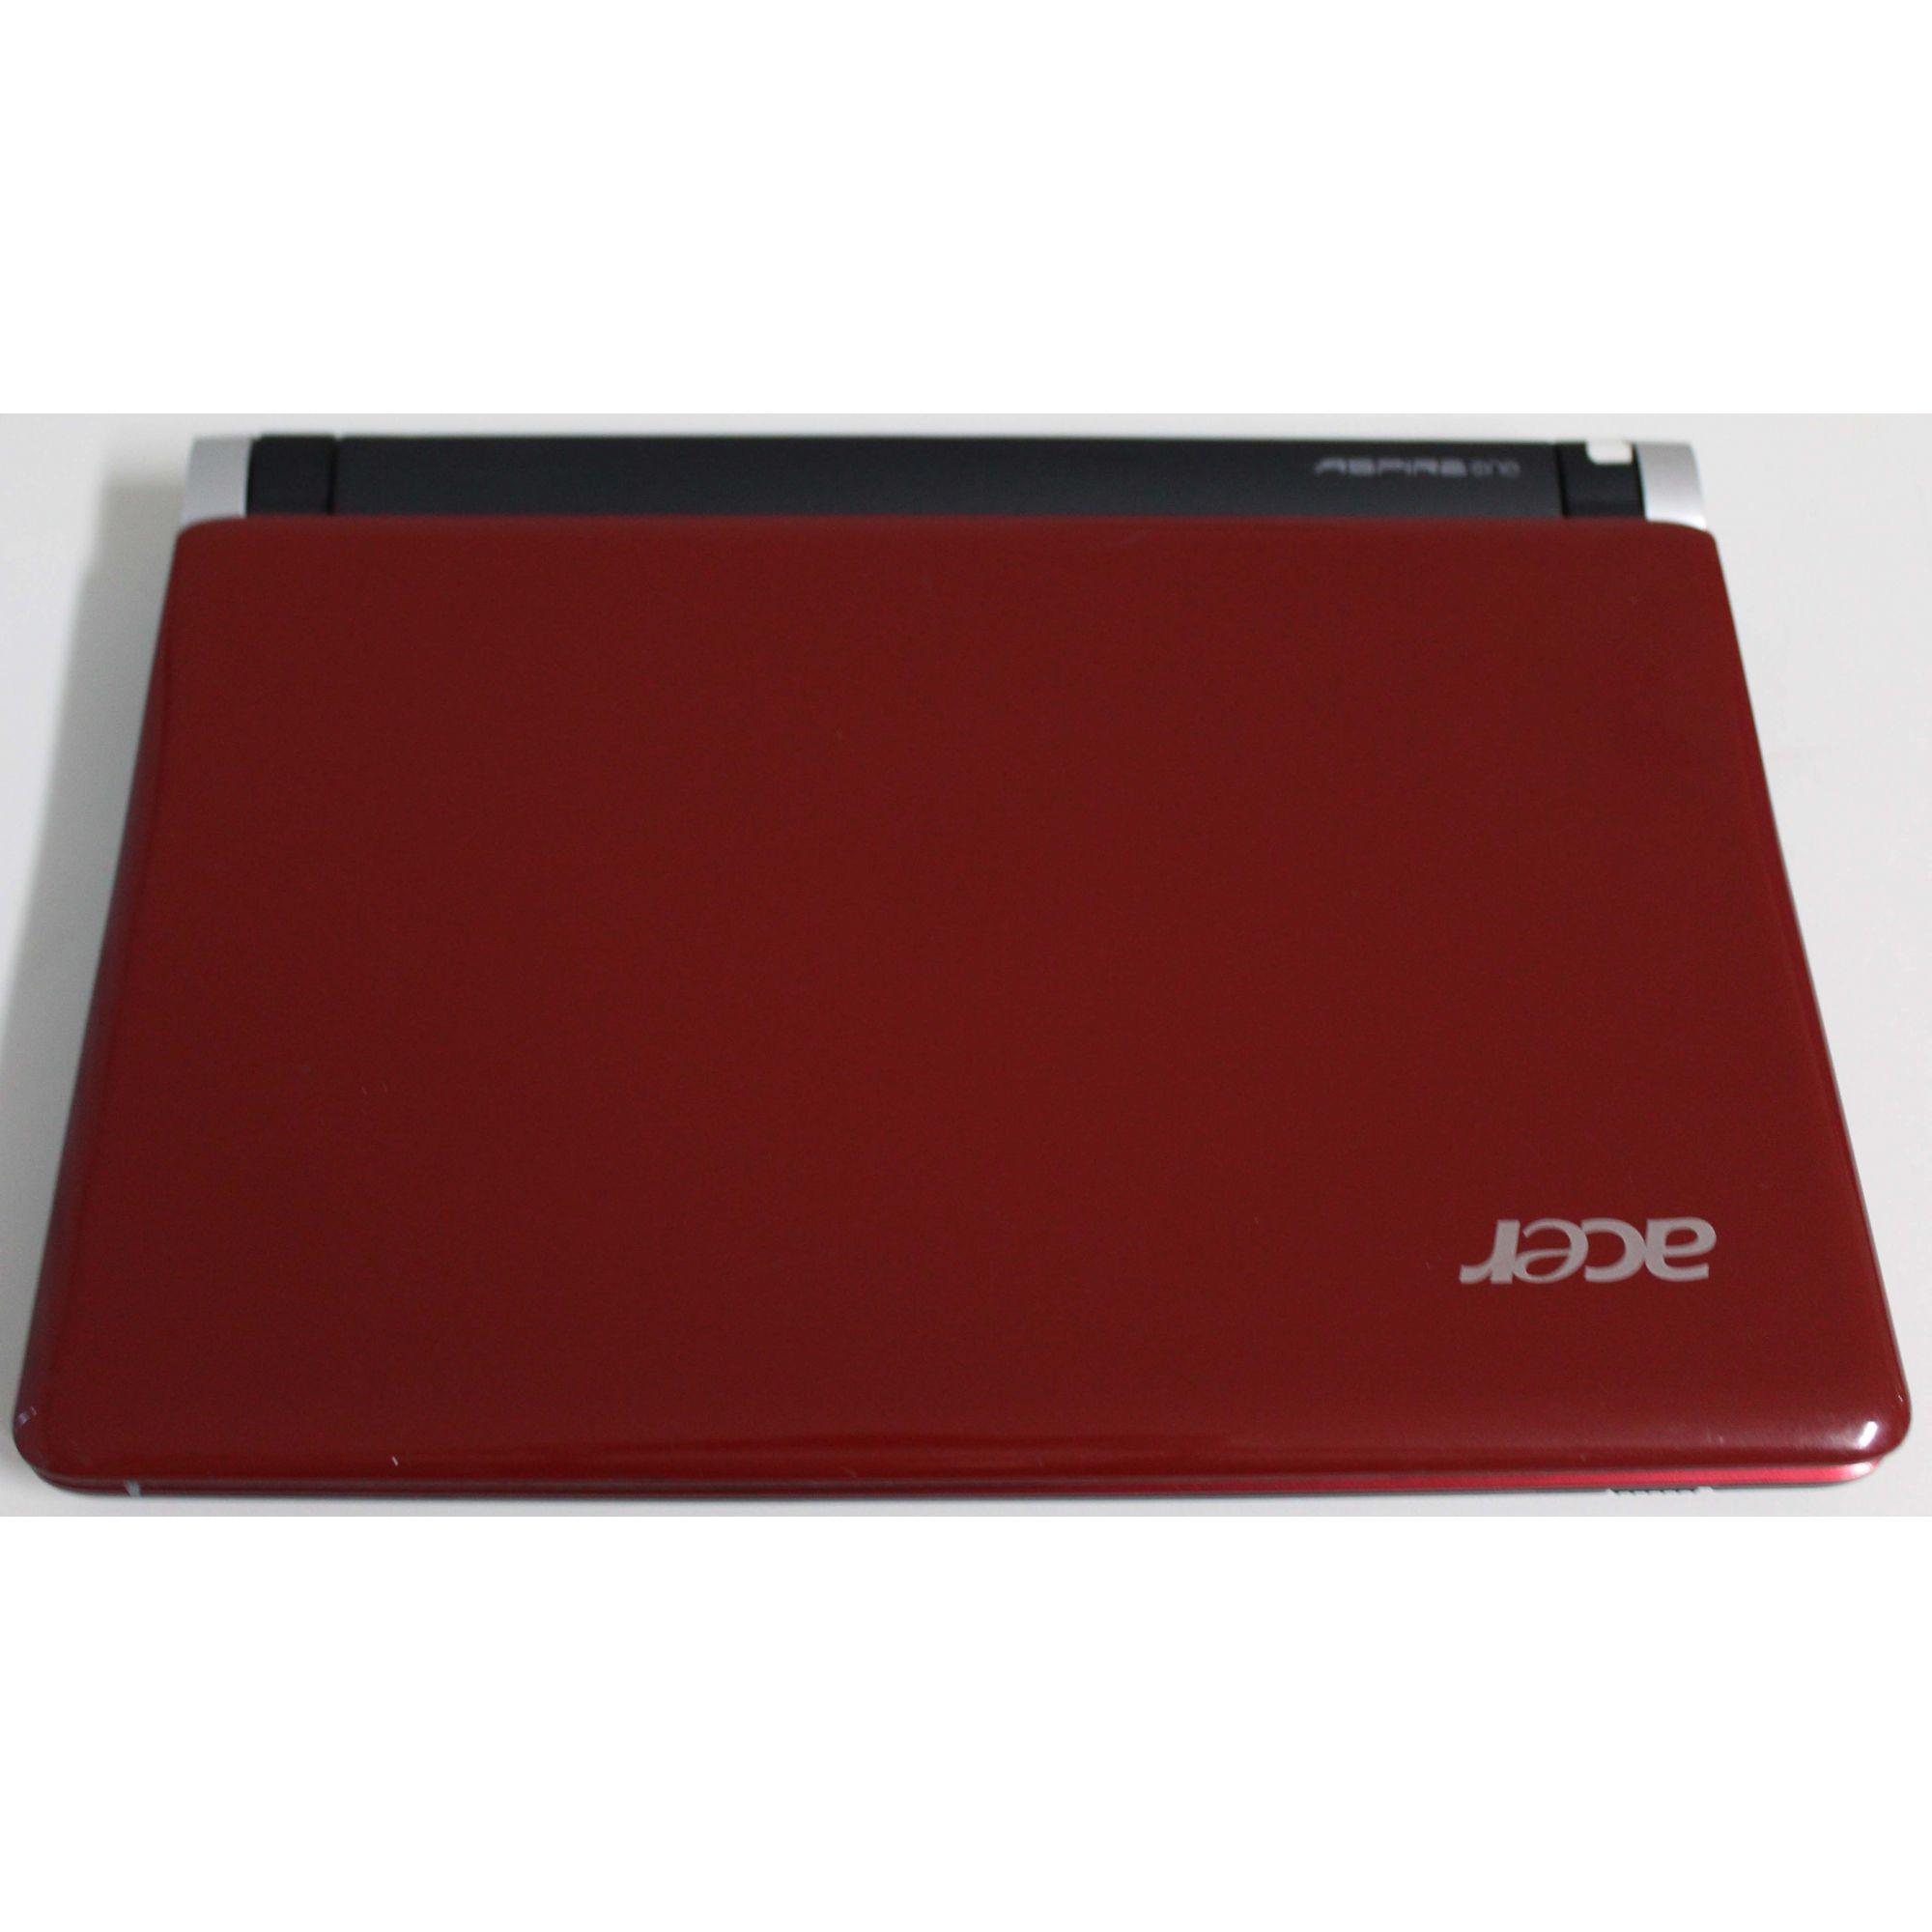 """Netbook Acer Aspire One 10.1"""" Intel Atom 1.6GHz 2GB HD-160GB (Não Enviamos)"""